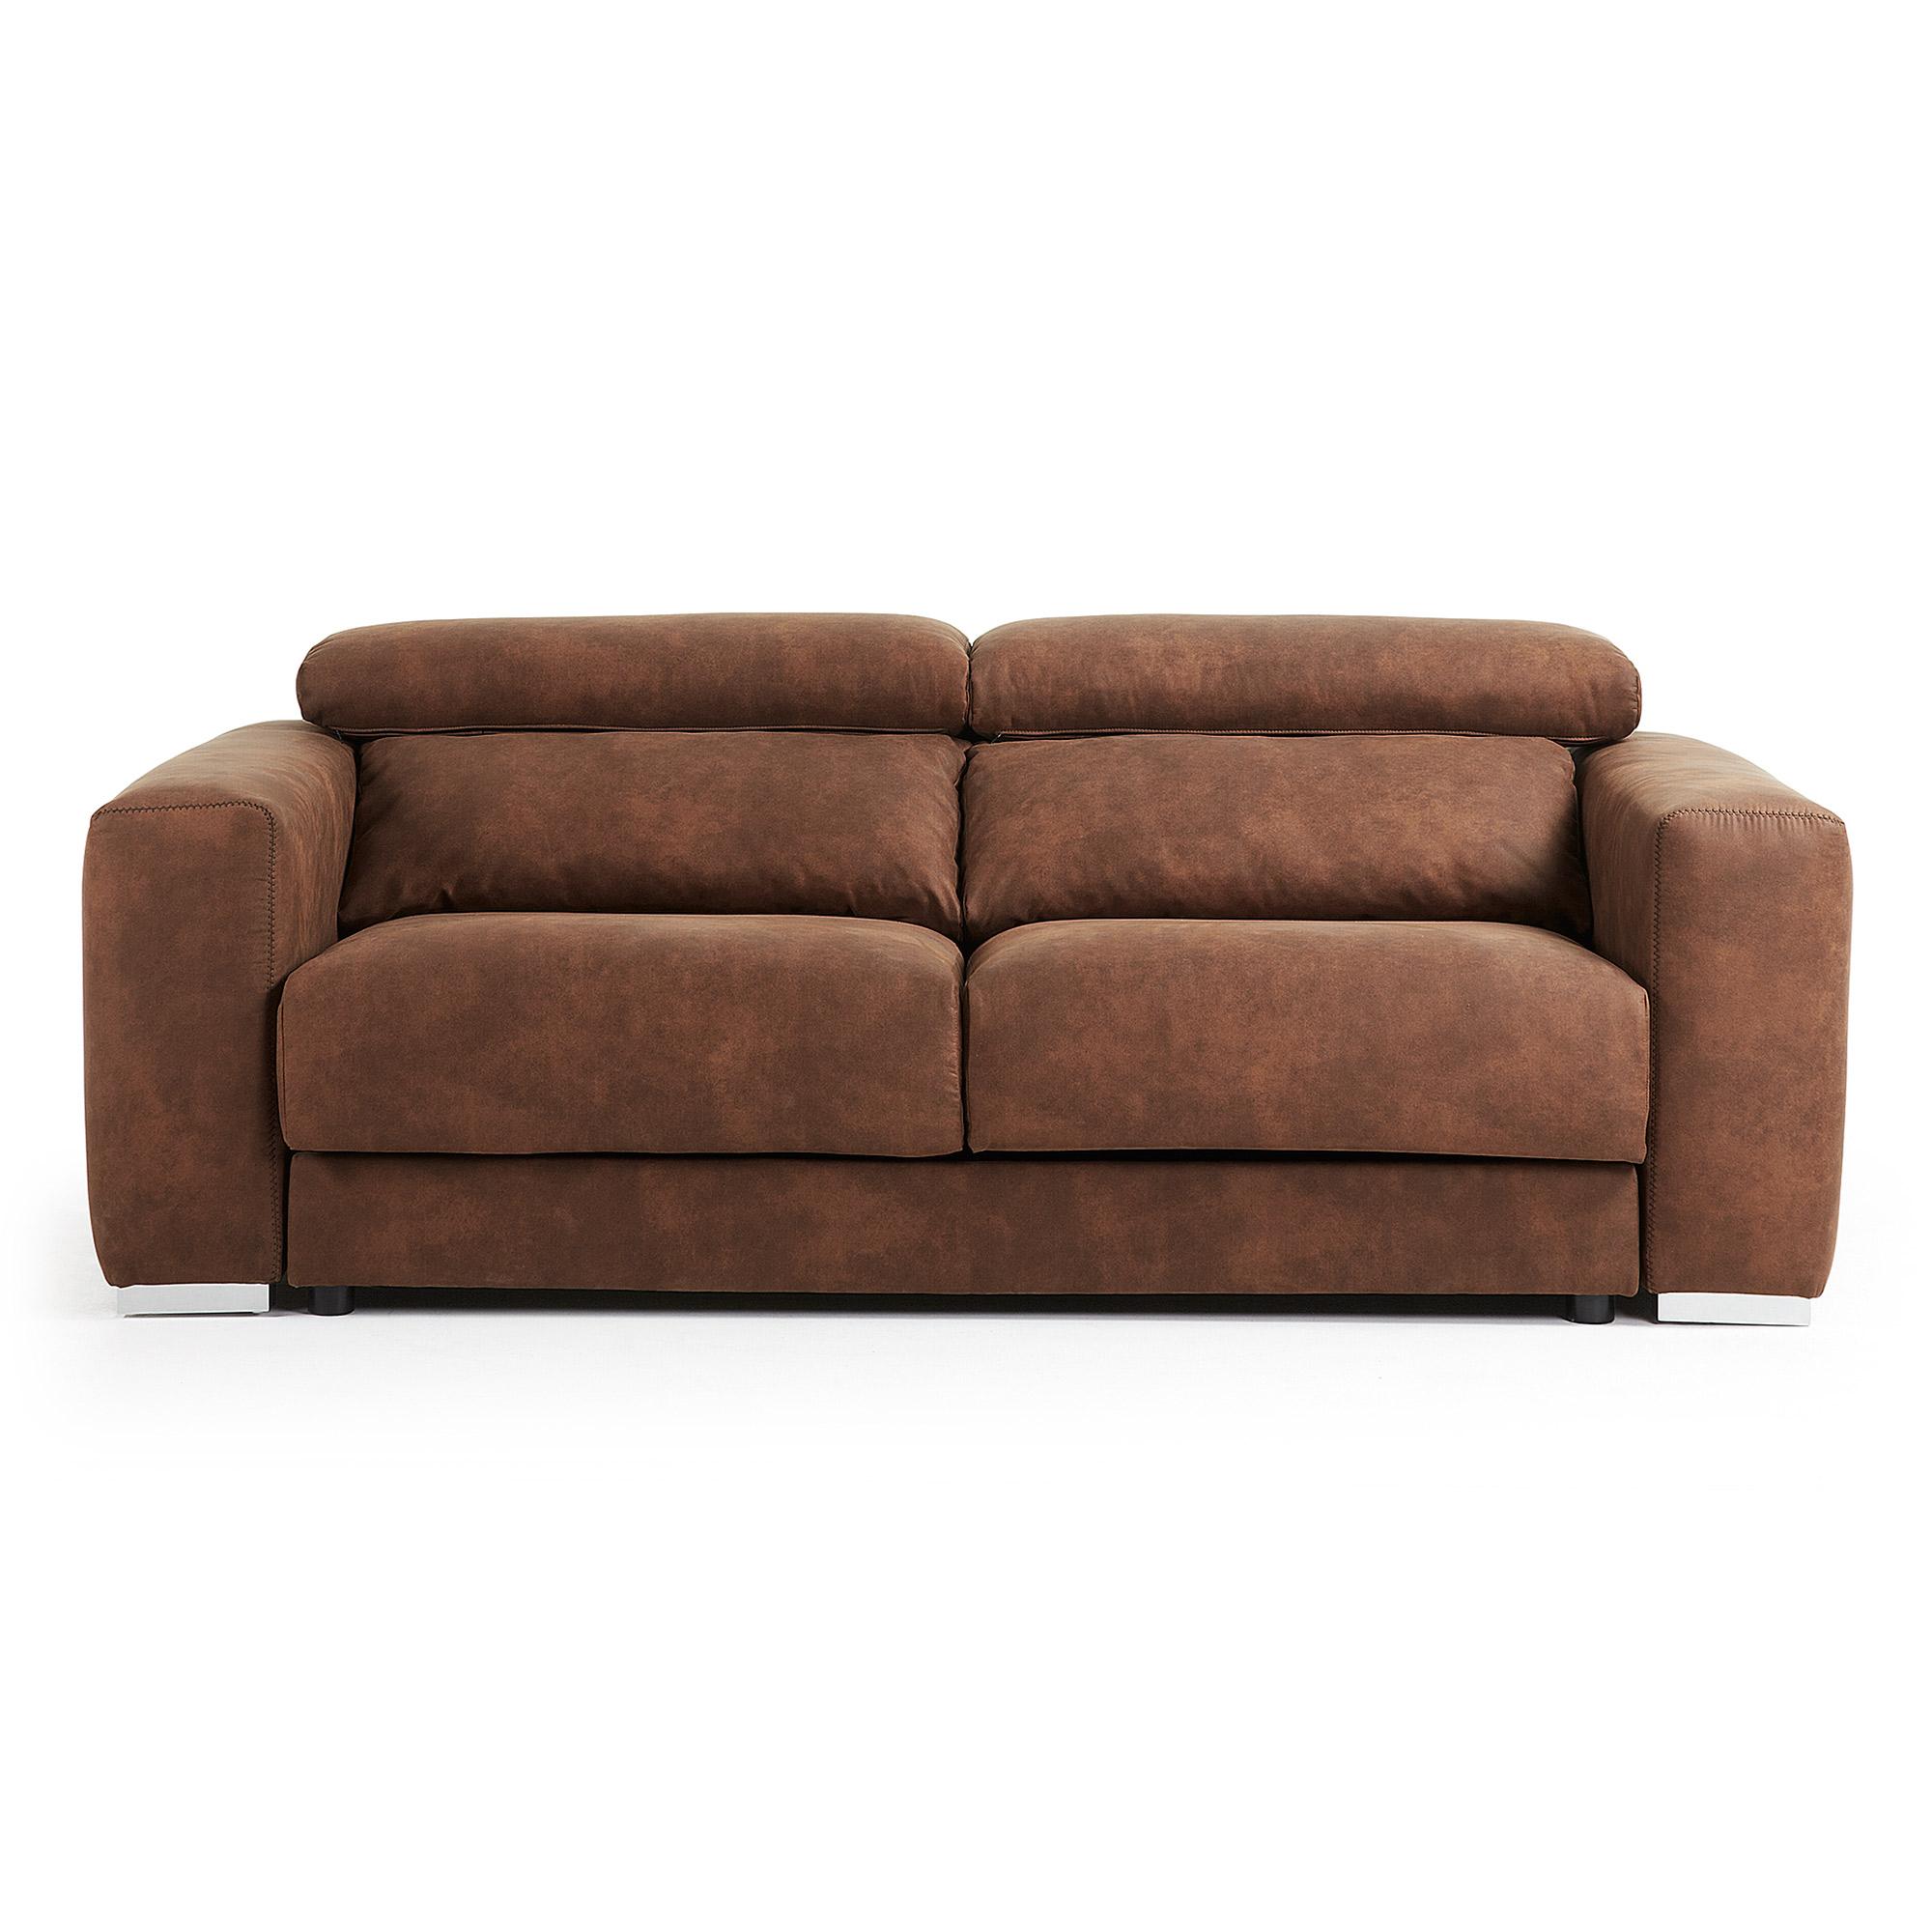 LAFORMA Singapore sofa - rustbrunt stof, justerbar, 3 pers.